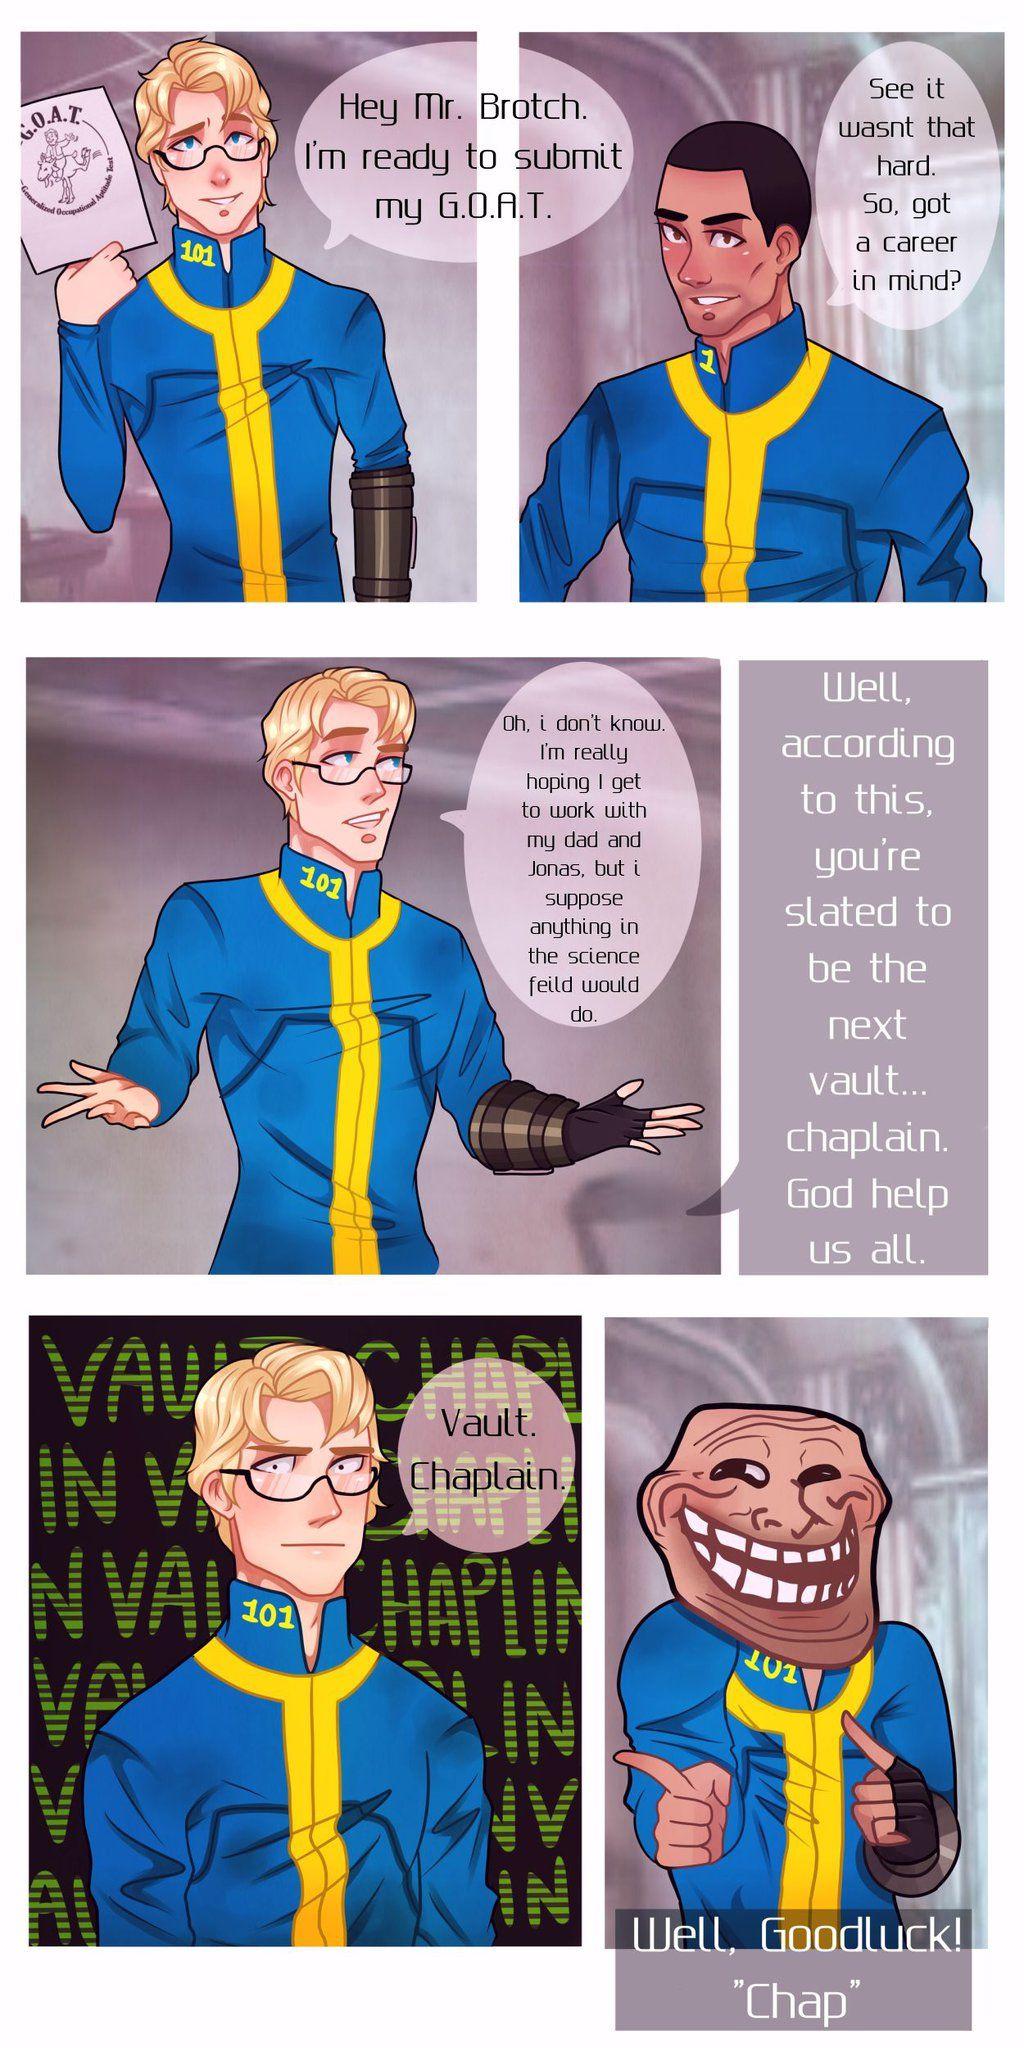 Fallout Vault Chaplain Fallout Pinterest Fallout Art